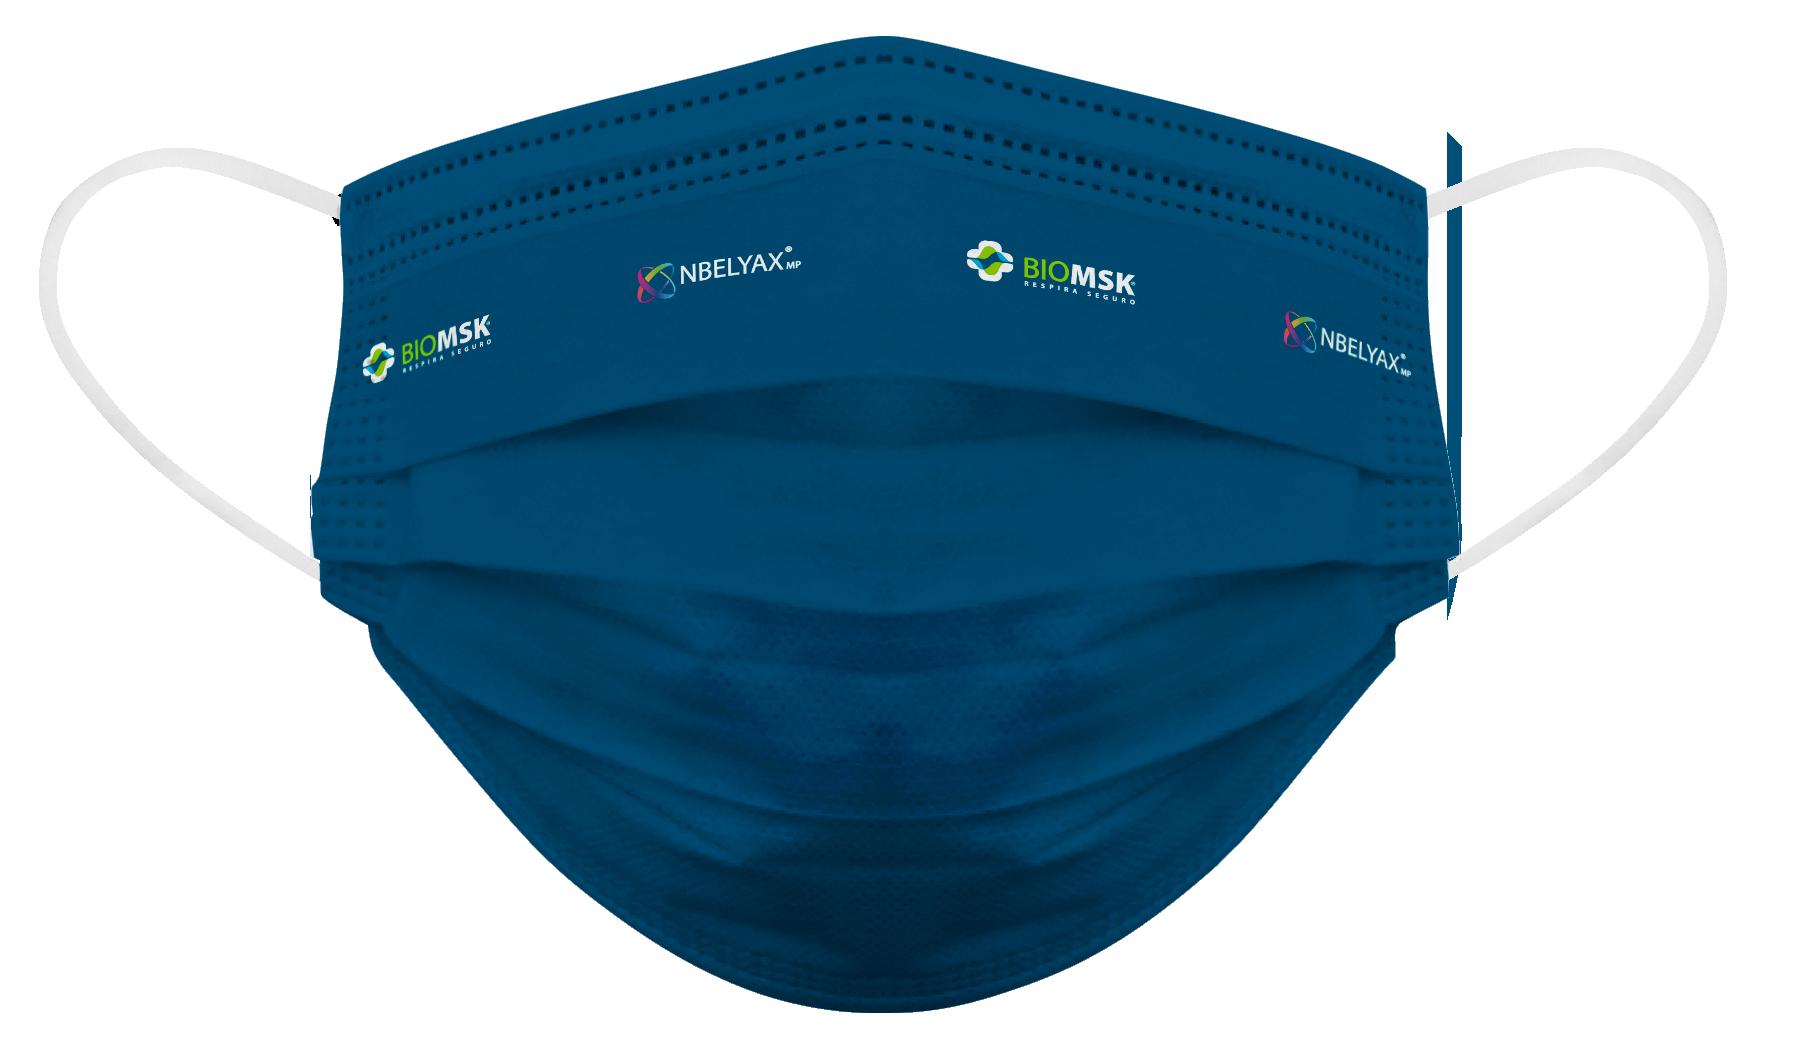 Cubrebocas para adulto Biomsk® con diseño liso en azul